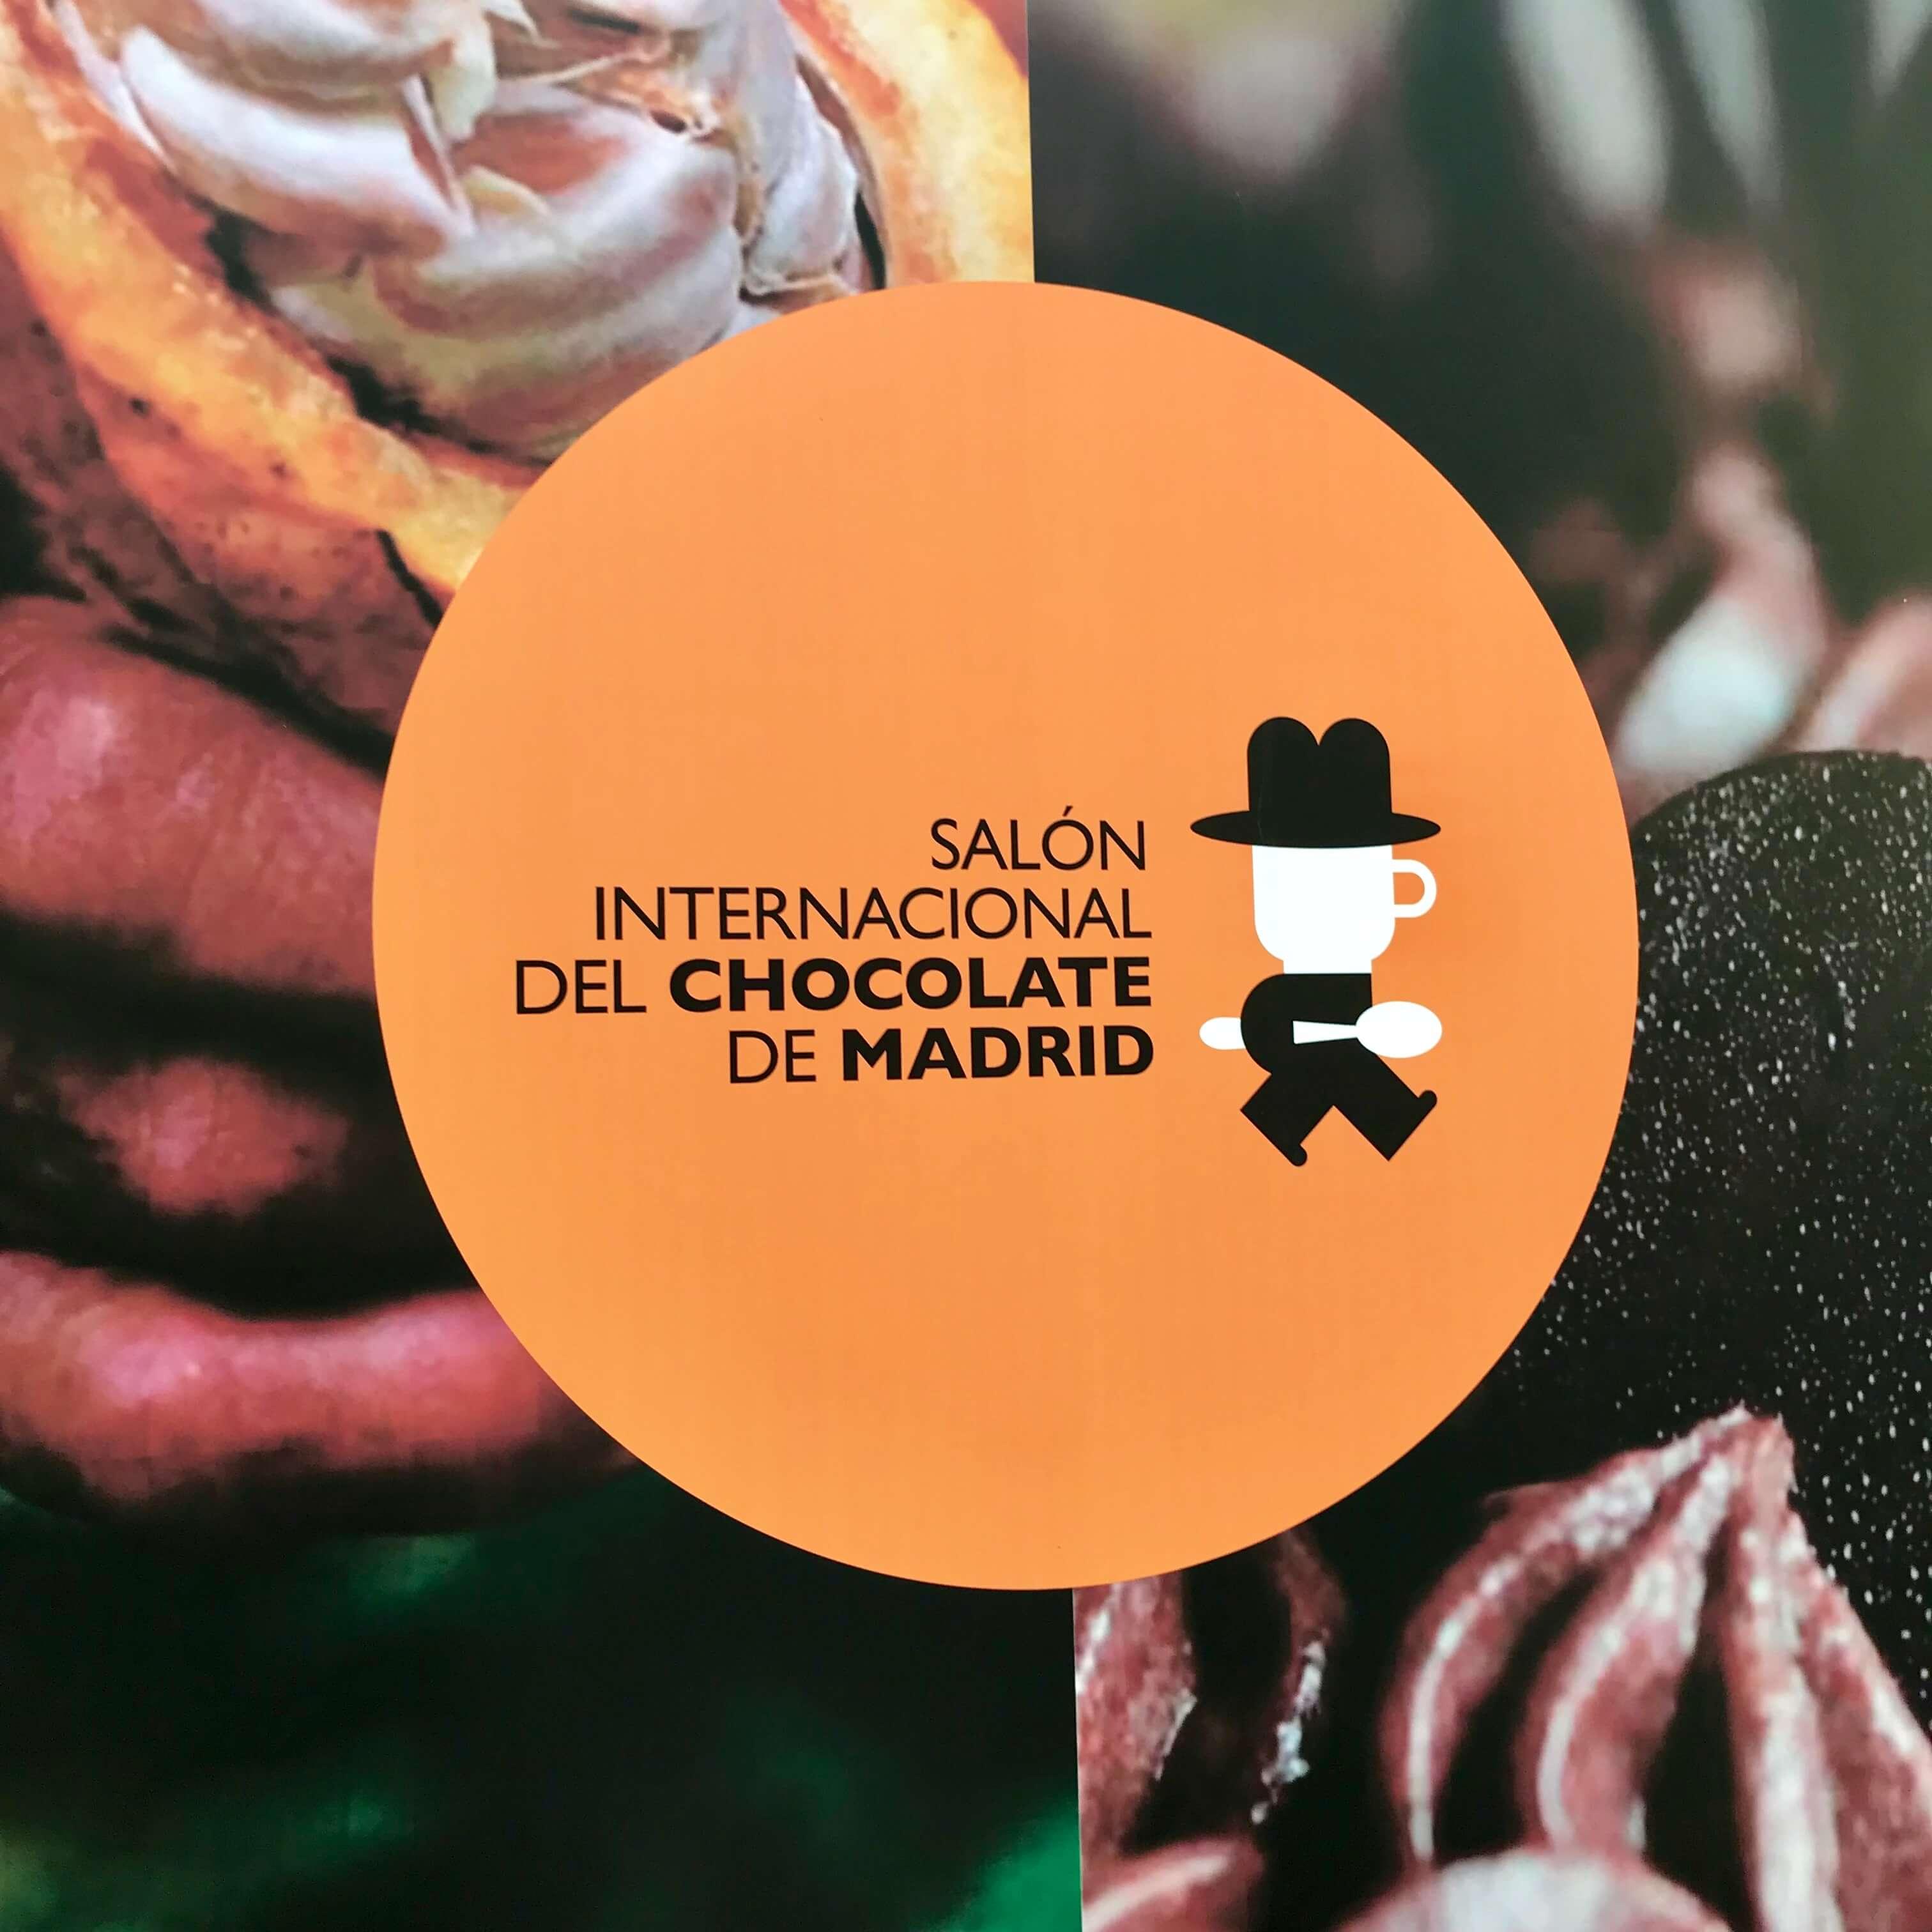 Salón Internacional del chocolate Madrid